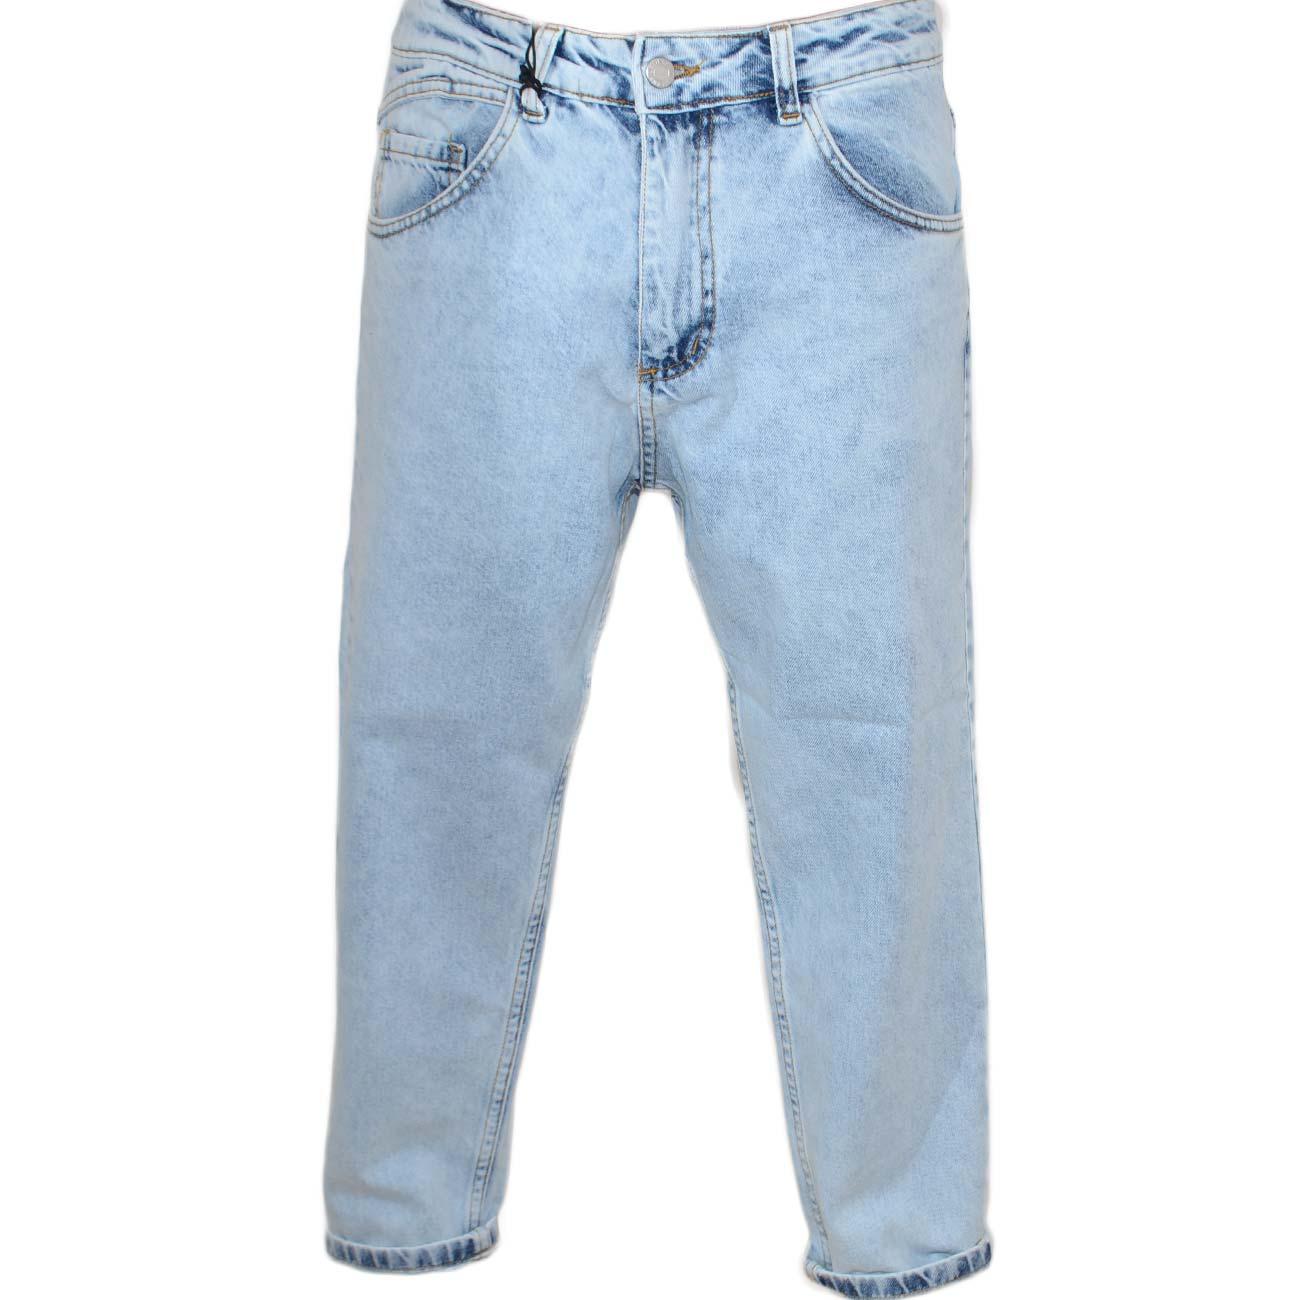 nuovo di zecca 26728 af7c1 Pantaloni Jeans chiaro denim biker sfumato Skinny fit chiusura con bottone  e cerniera. lavaggio graduale vintage uomo jeans made in italy | MaluShoes